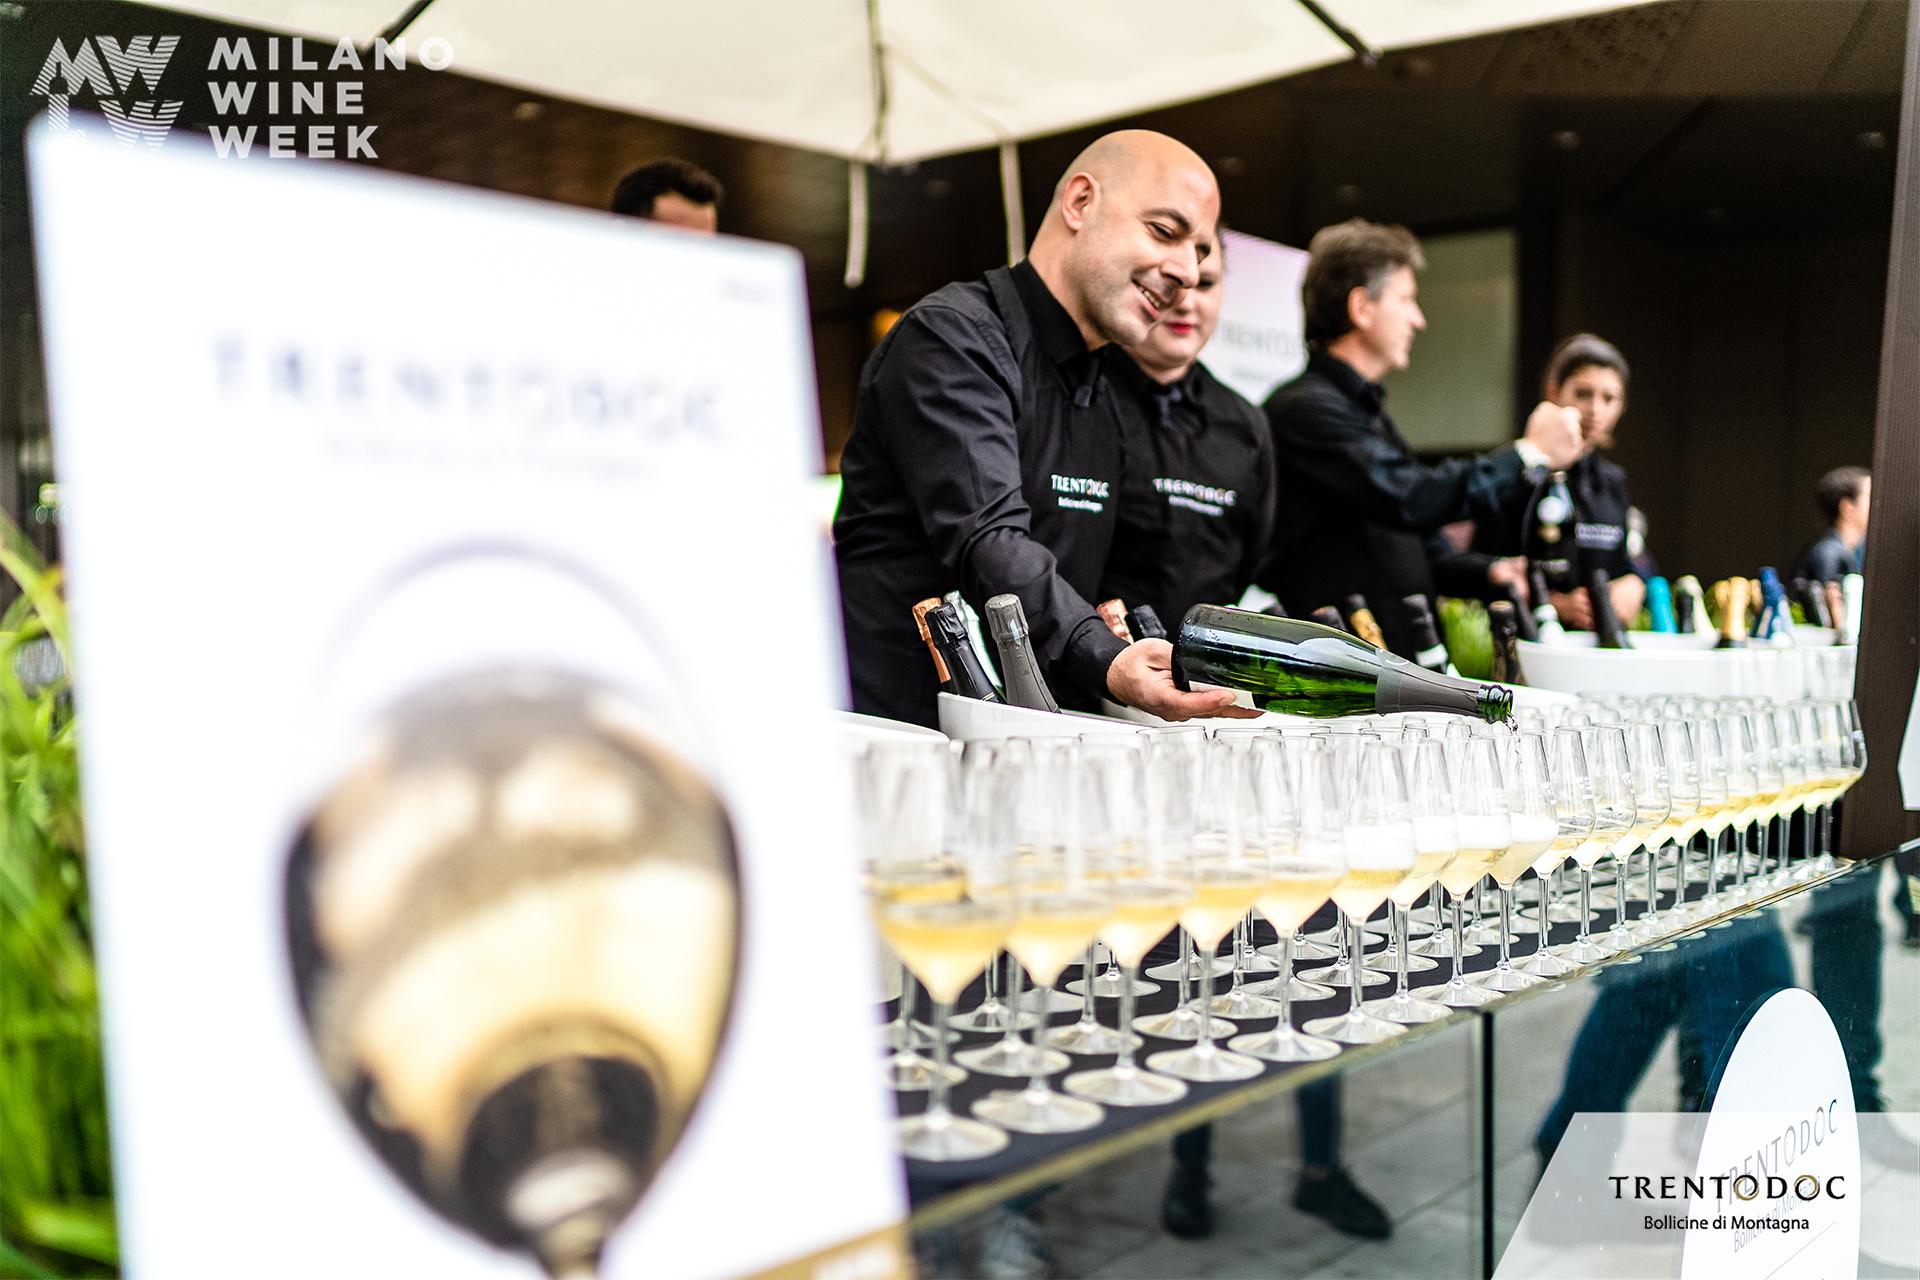 Un Brindisi da Record a City Life con Trentodoc | YOUparti milano wine week